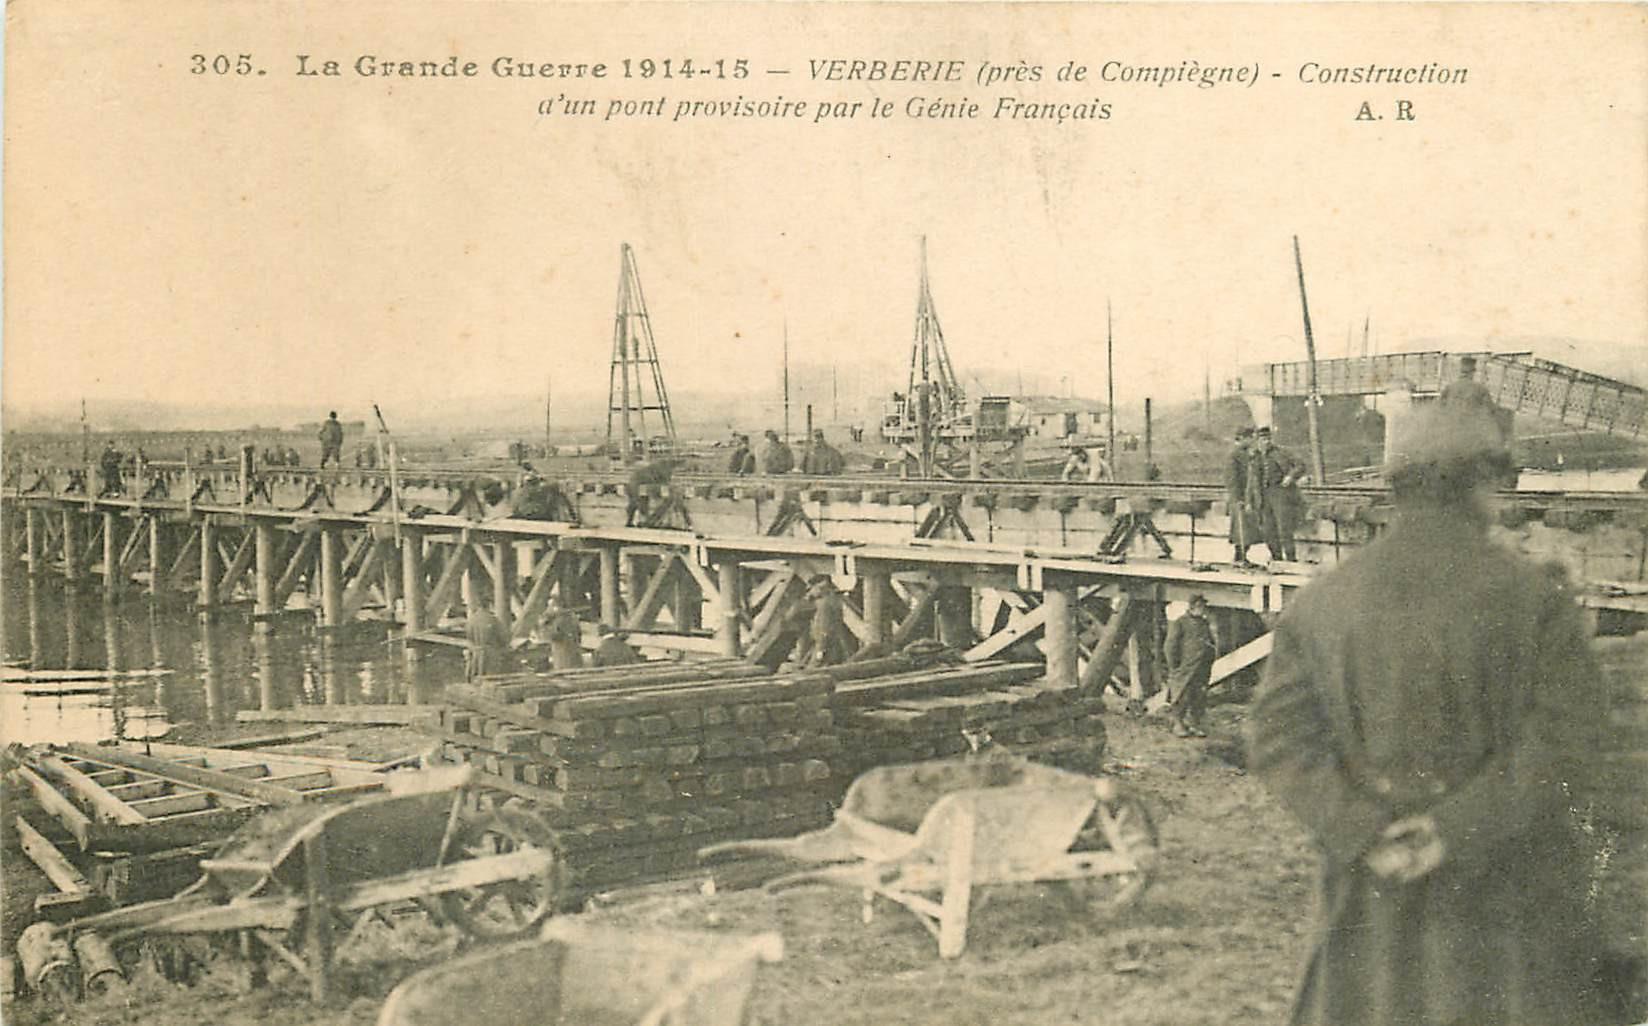 WW 60 VERBERIE. Construction d'un Pont provisoire par le Génie Français. Guerre 1914-18